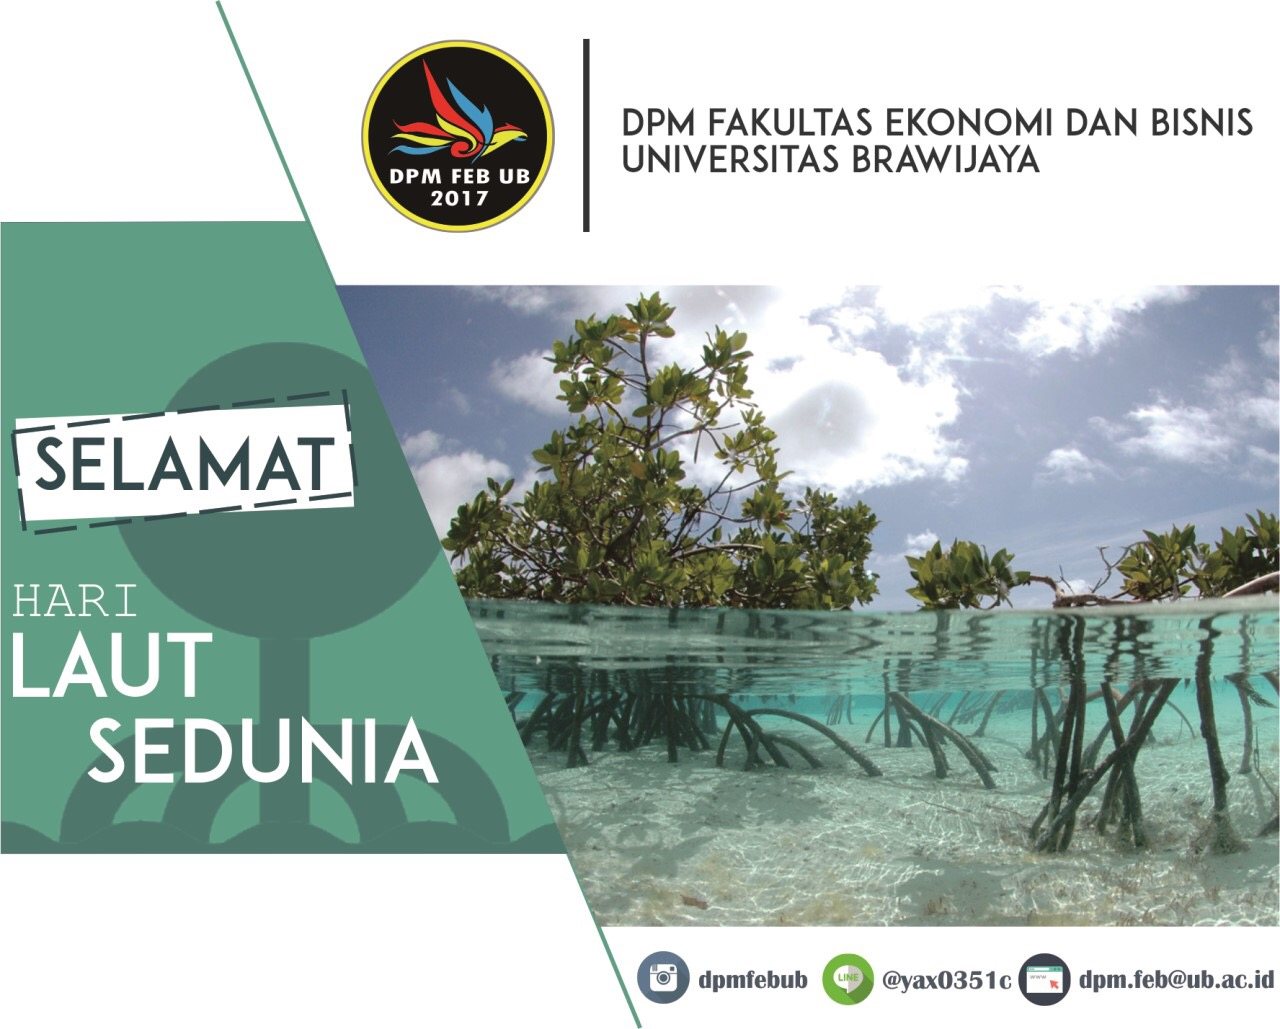 (Indonesia) Selamat Hari Laut Sedunia dari Manajemen UB